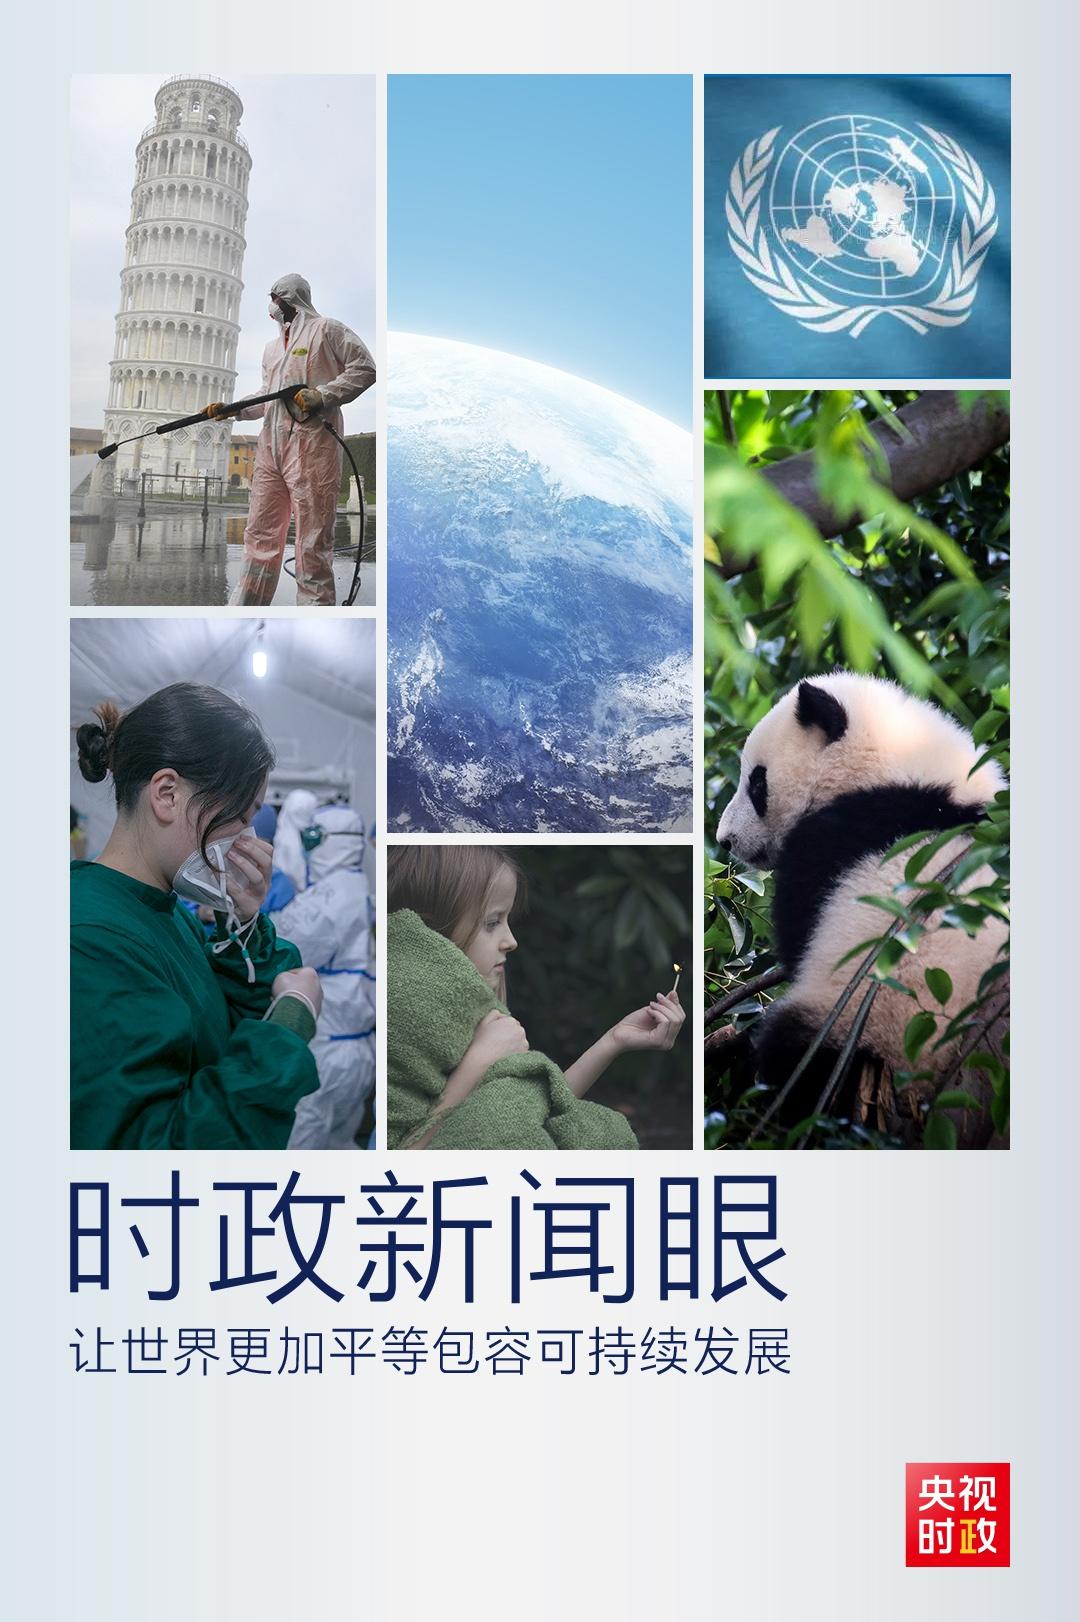 【摩登2会员注册】懂联合国大会上的中国图片